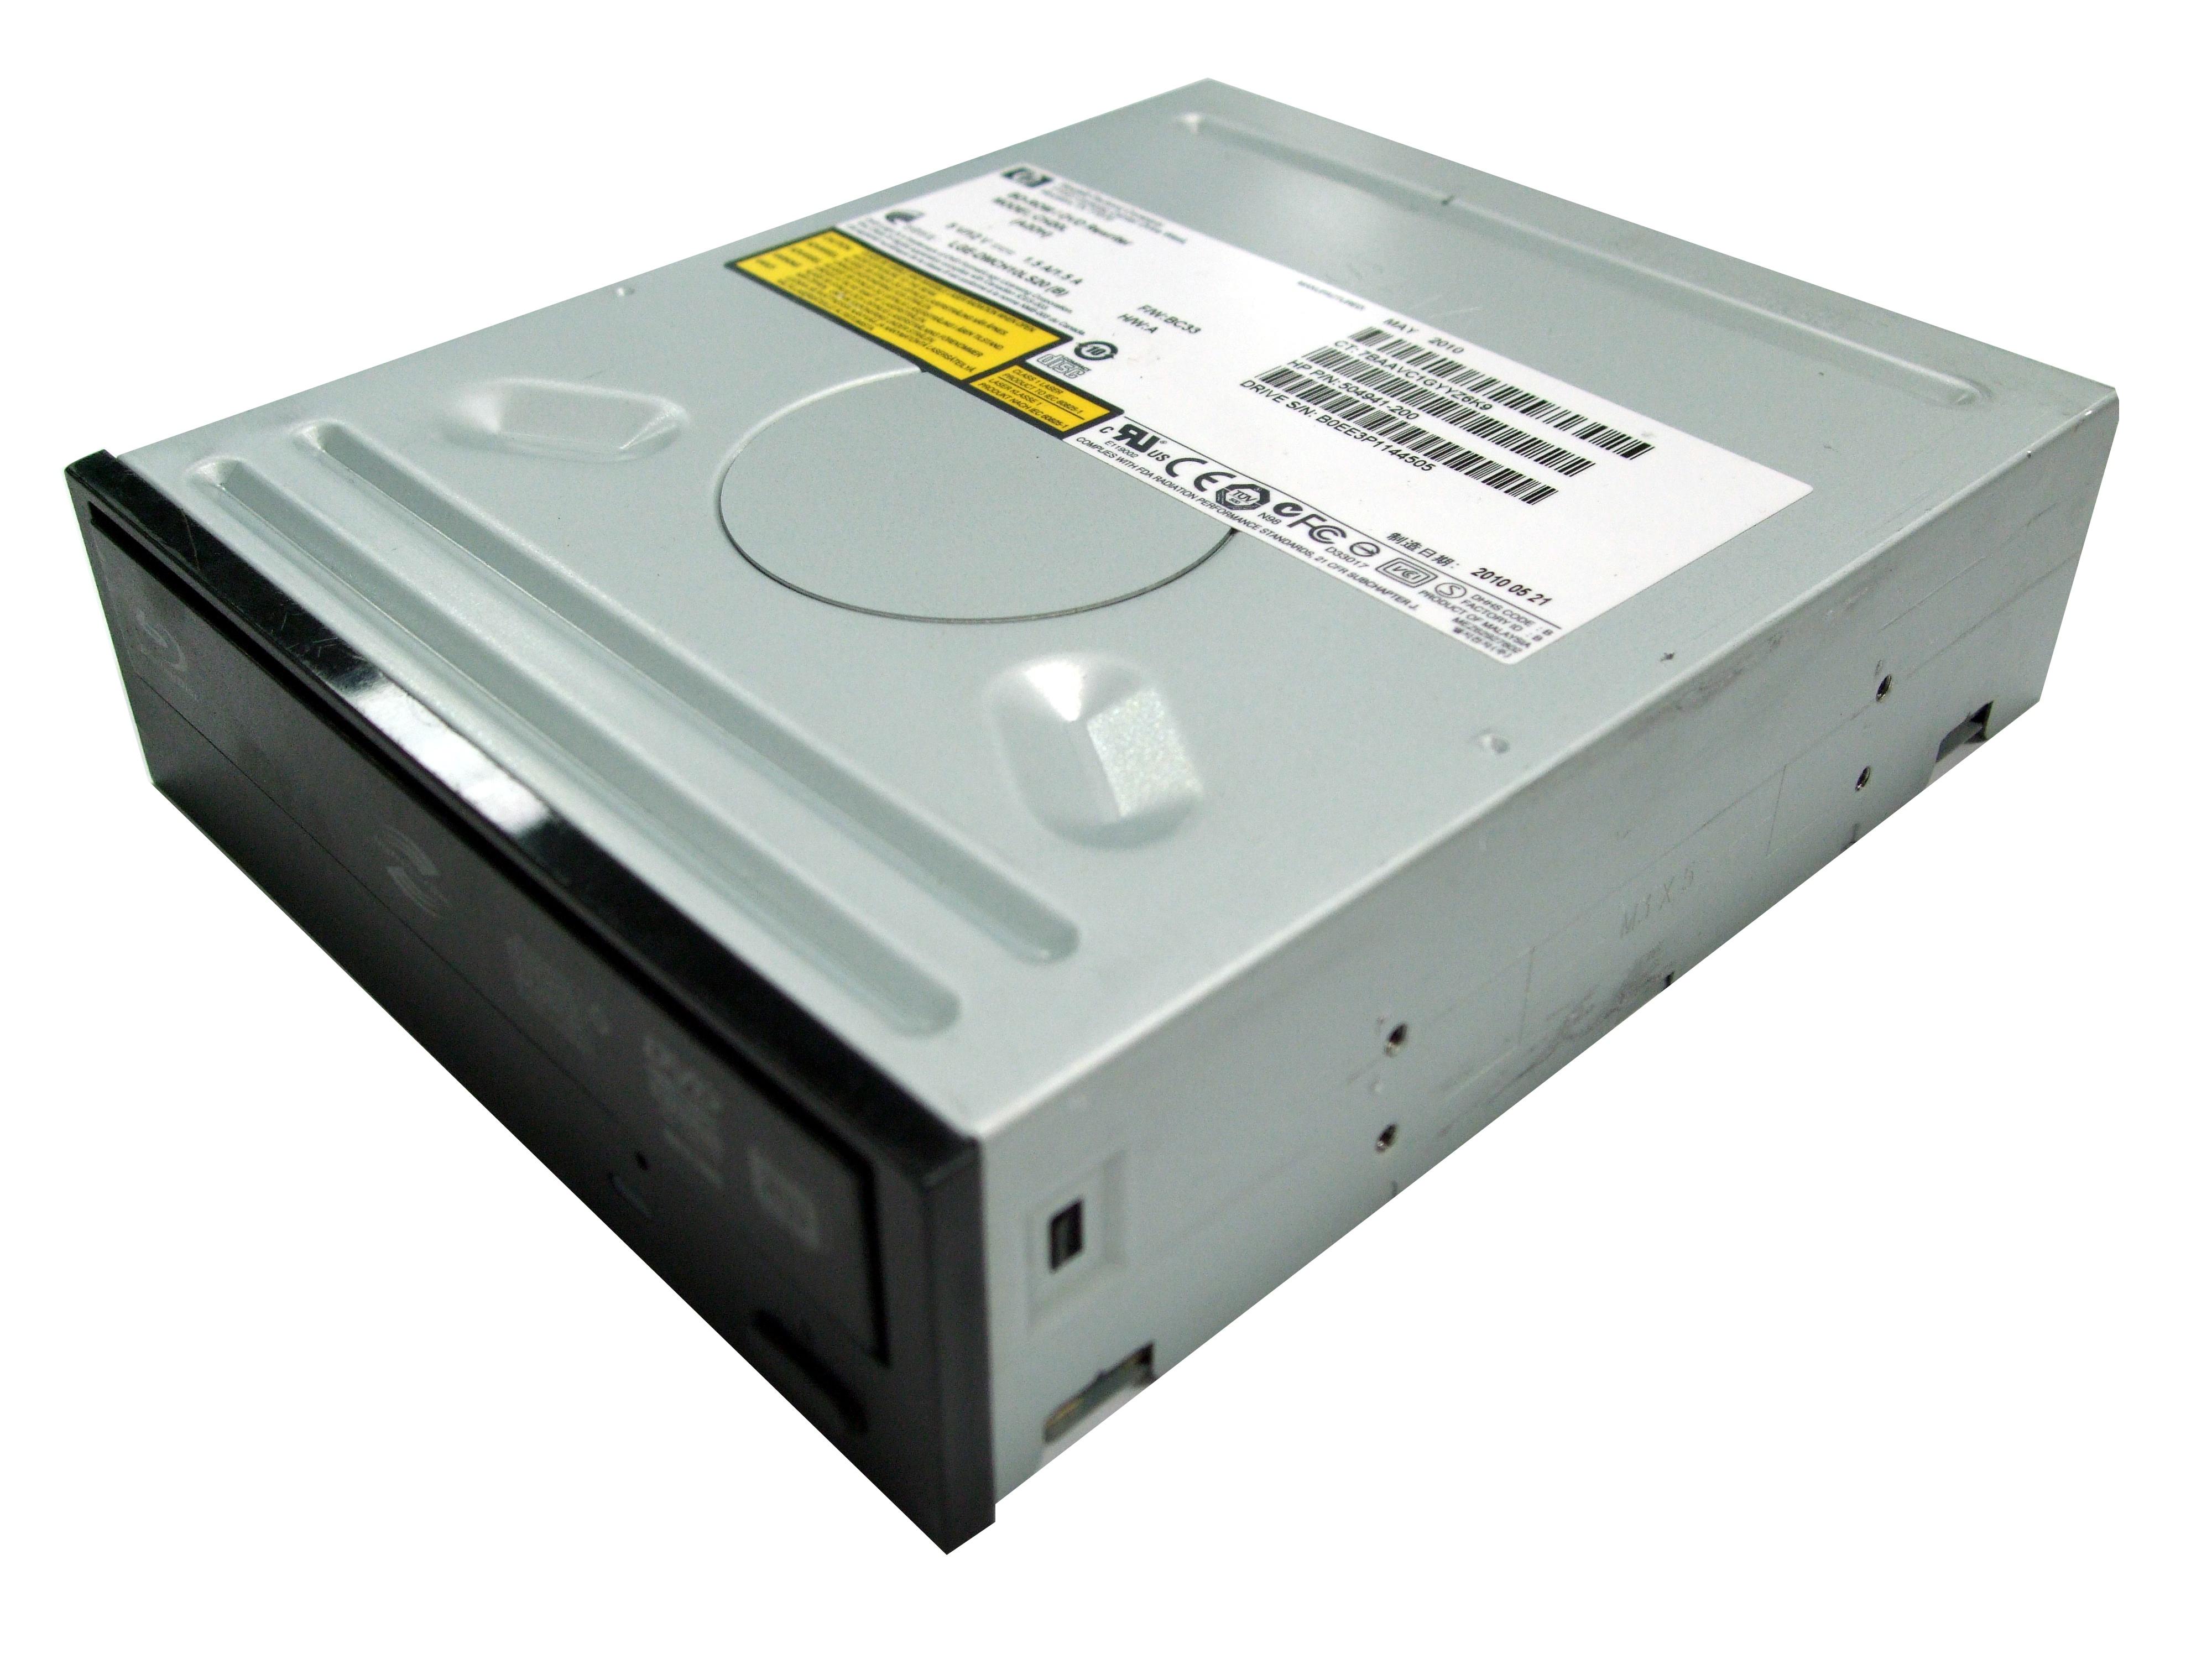 CH20L HP Compaq BD-ROM/DVD Rewriter SATA Drive - P/N 504941-200